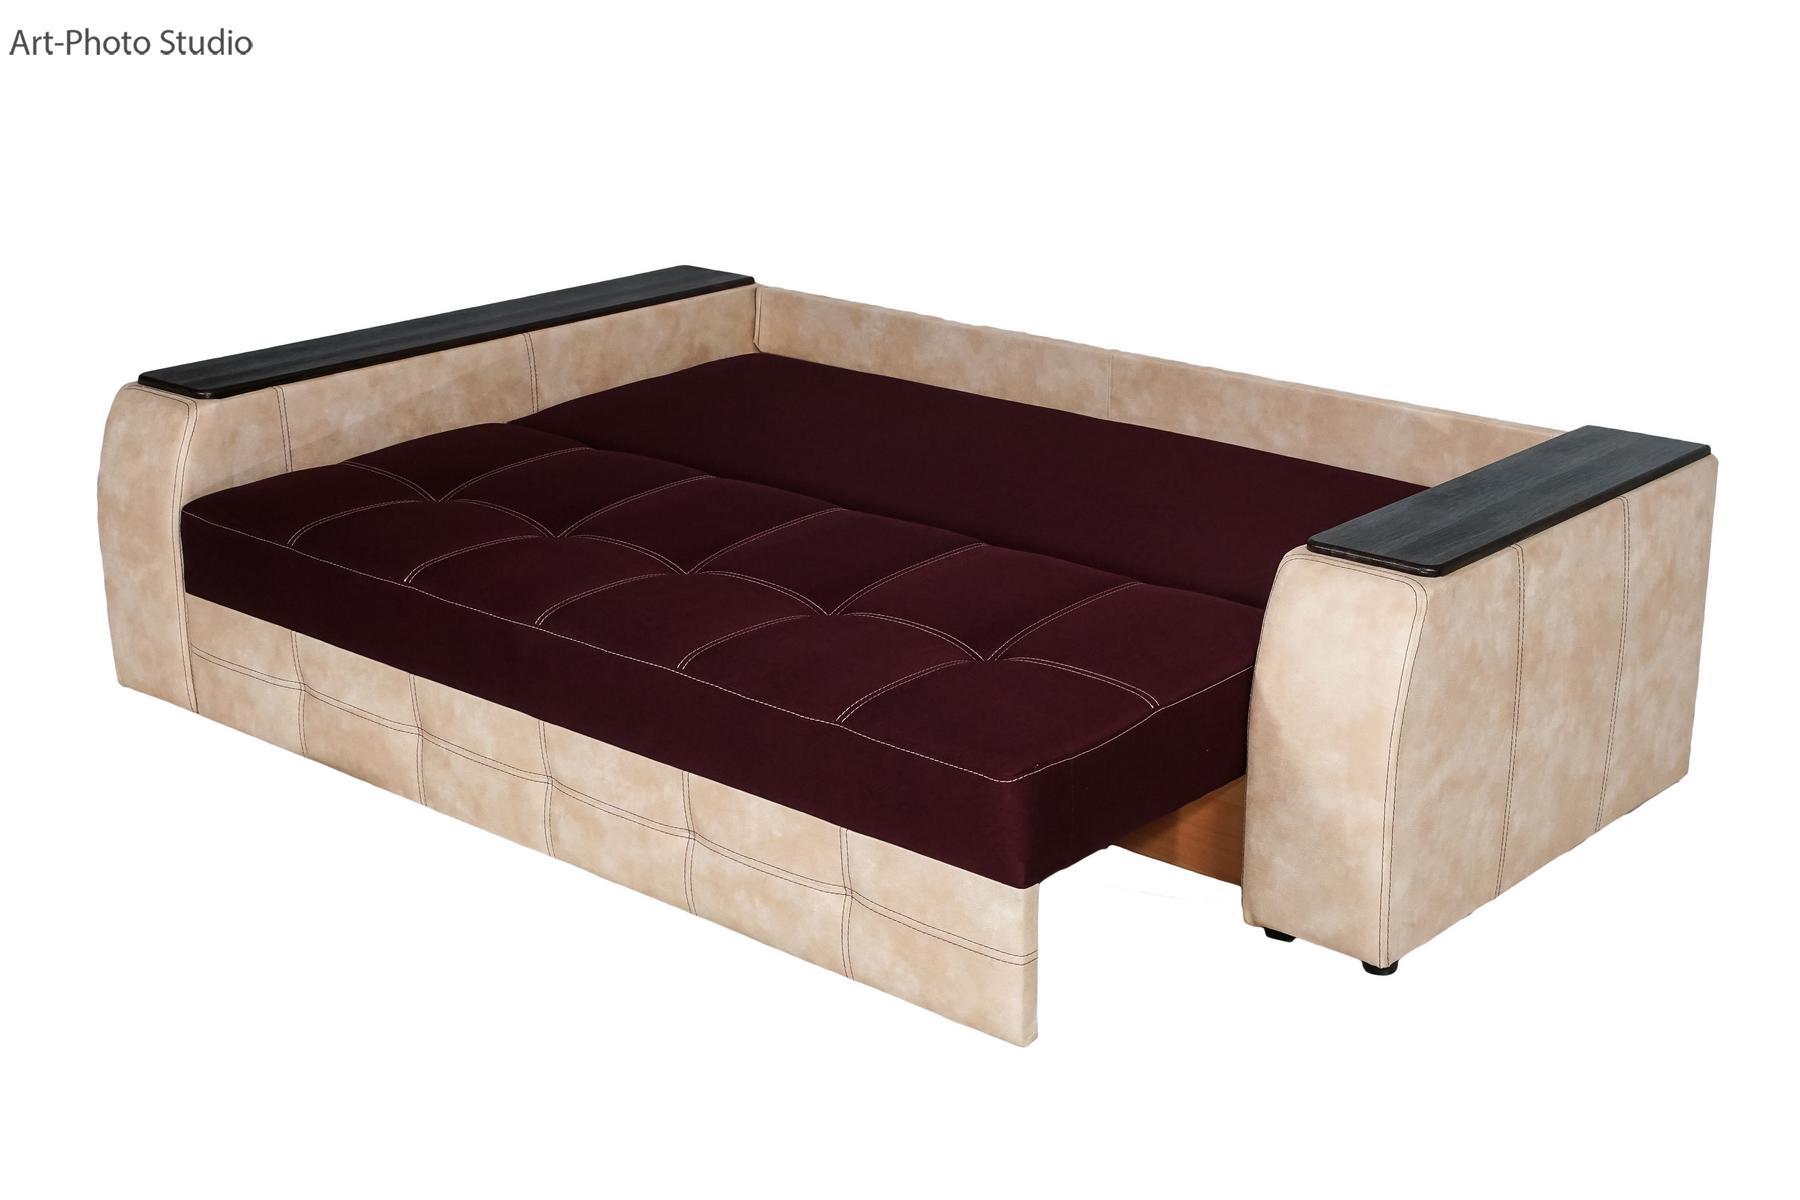 каталожная фотосъемка мягкой мебели в Харькове - диван в разложенном виде